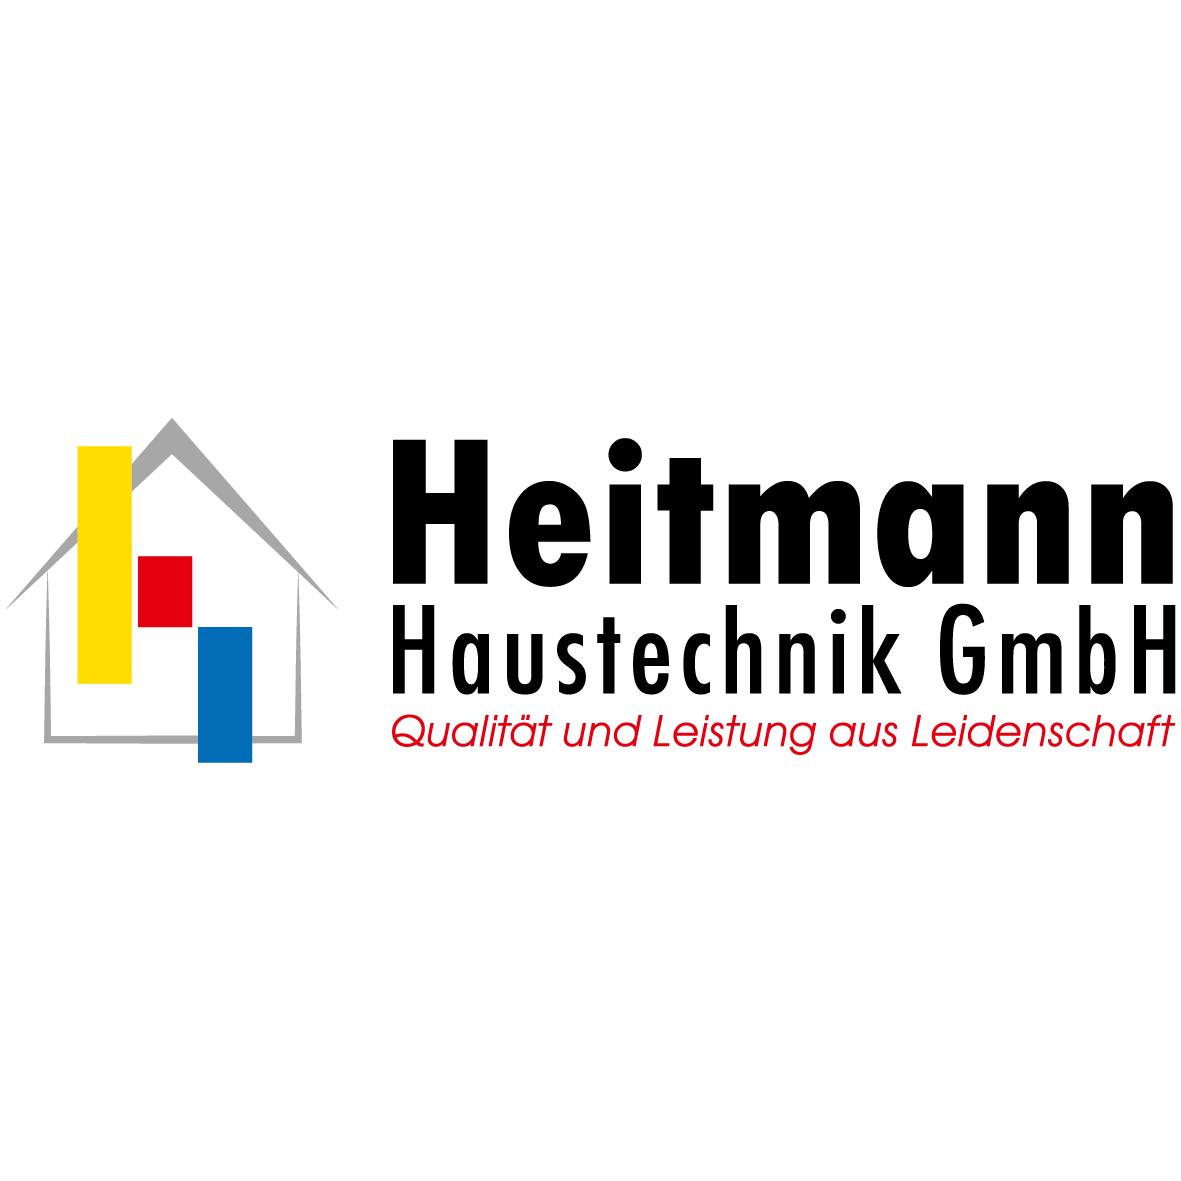 Heitmann Haustechnik GmbH Wehrbleck